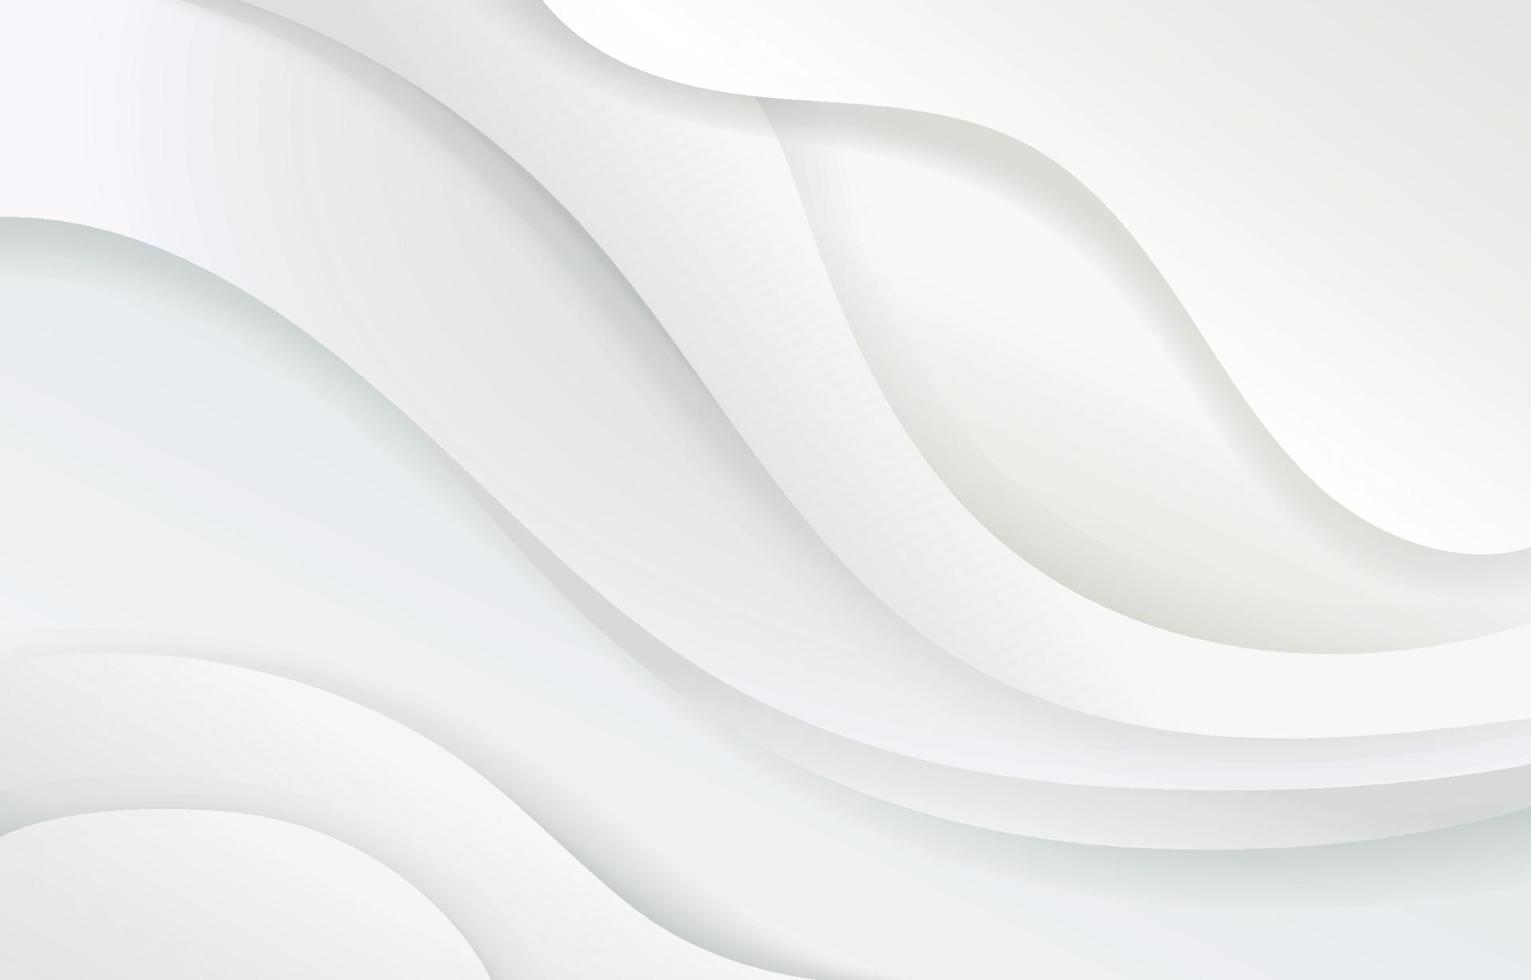 fundo abstrato de cor branca e cinza vetor